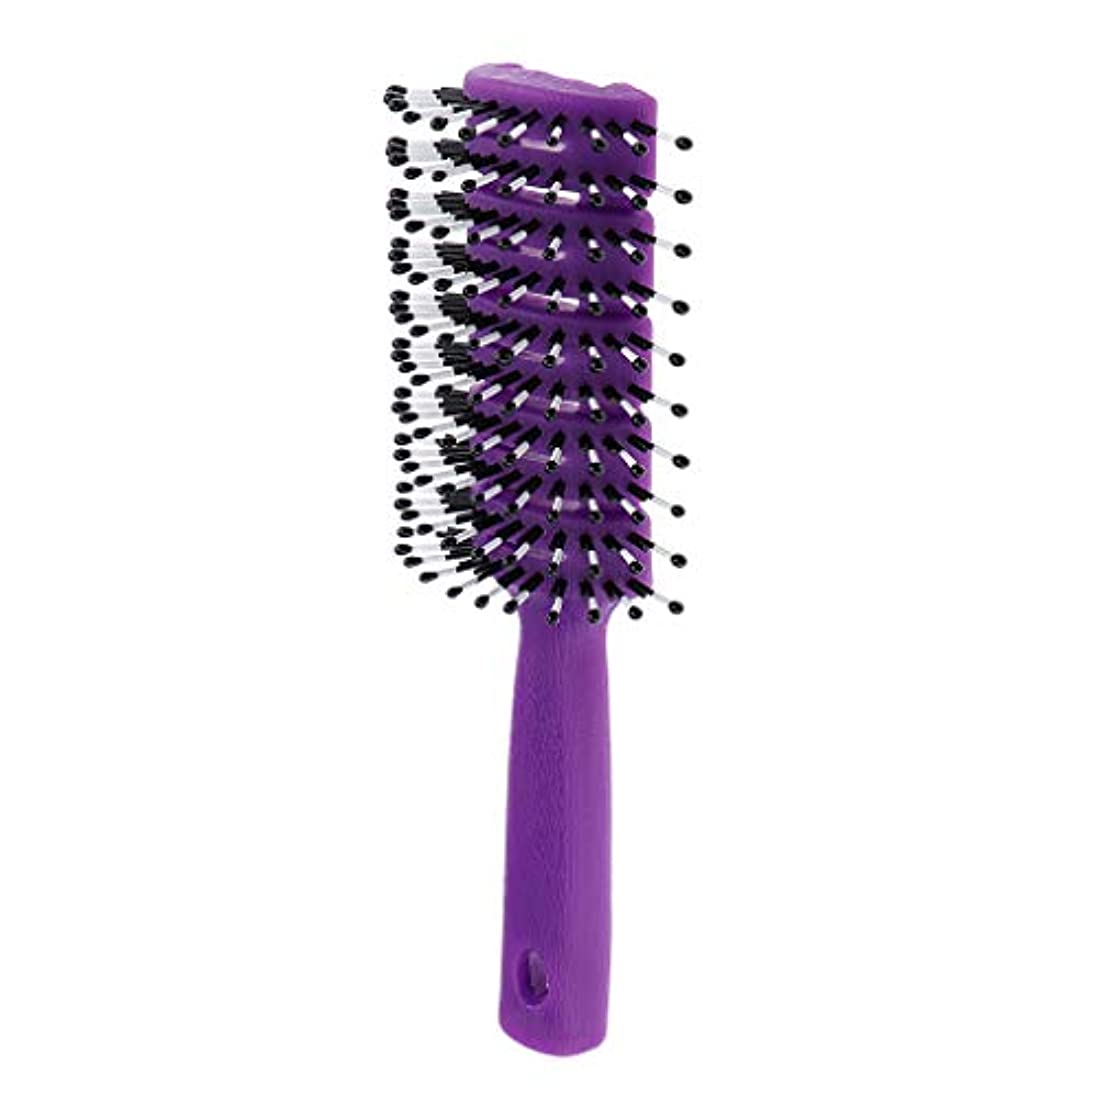 拒絶完全に有益Toygogo ユニセックス非静電夜光ヘアスタイリングブラシ、ヘアケア、長さ7.9インチ - 紫